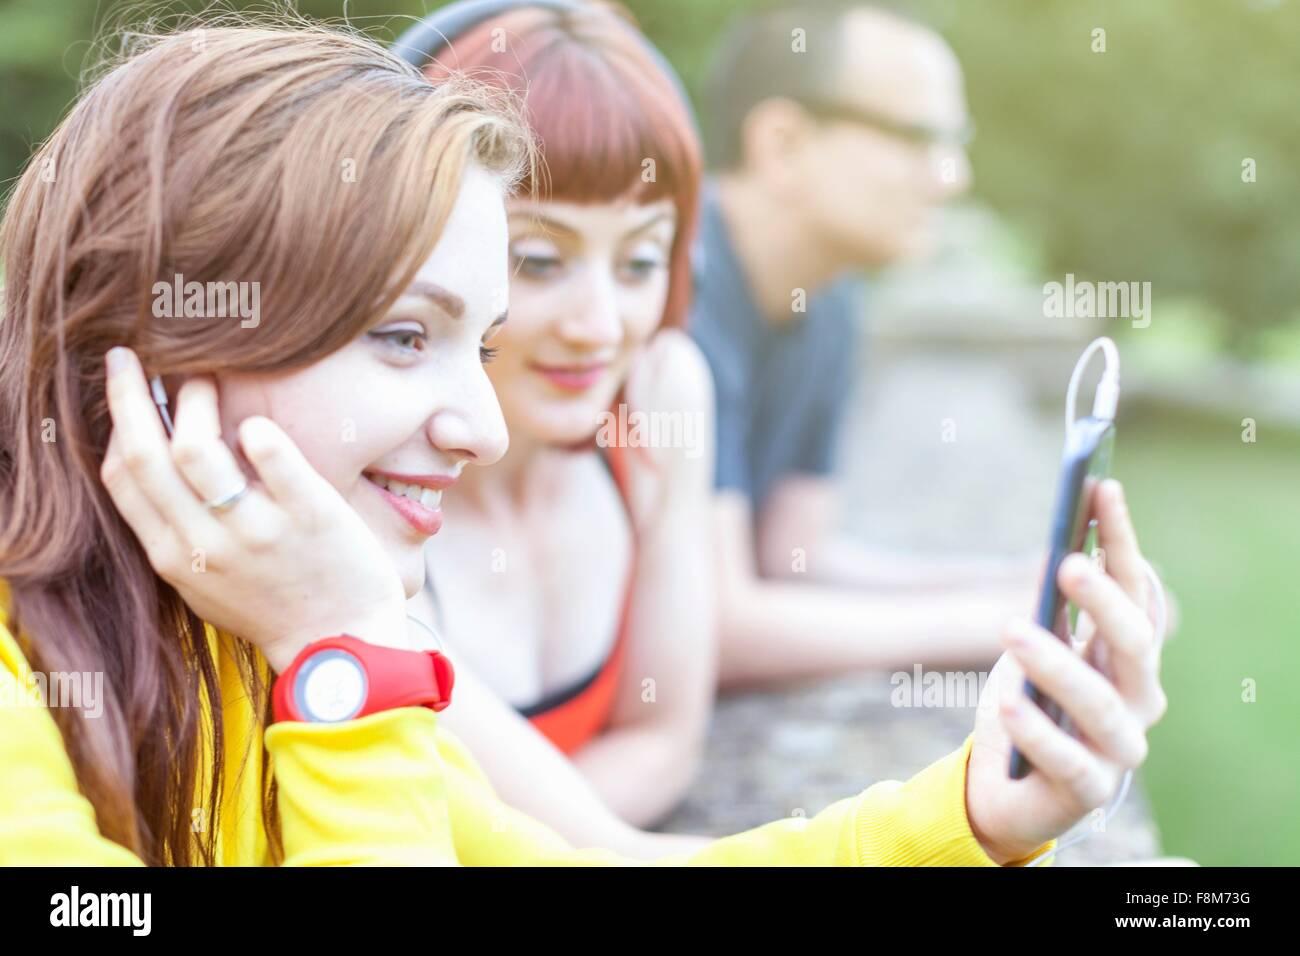 Junge Frauen mit Smartphone, stützte sich auf Mäuerchen Stockbild